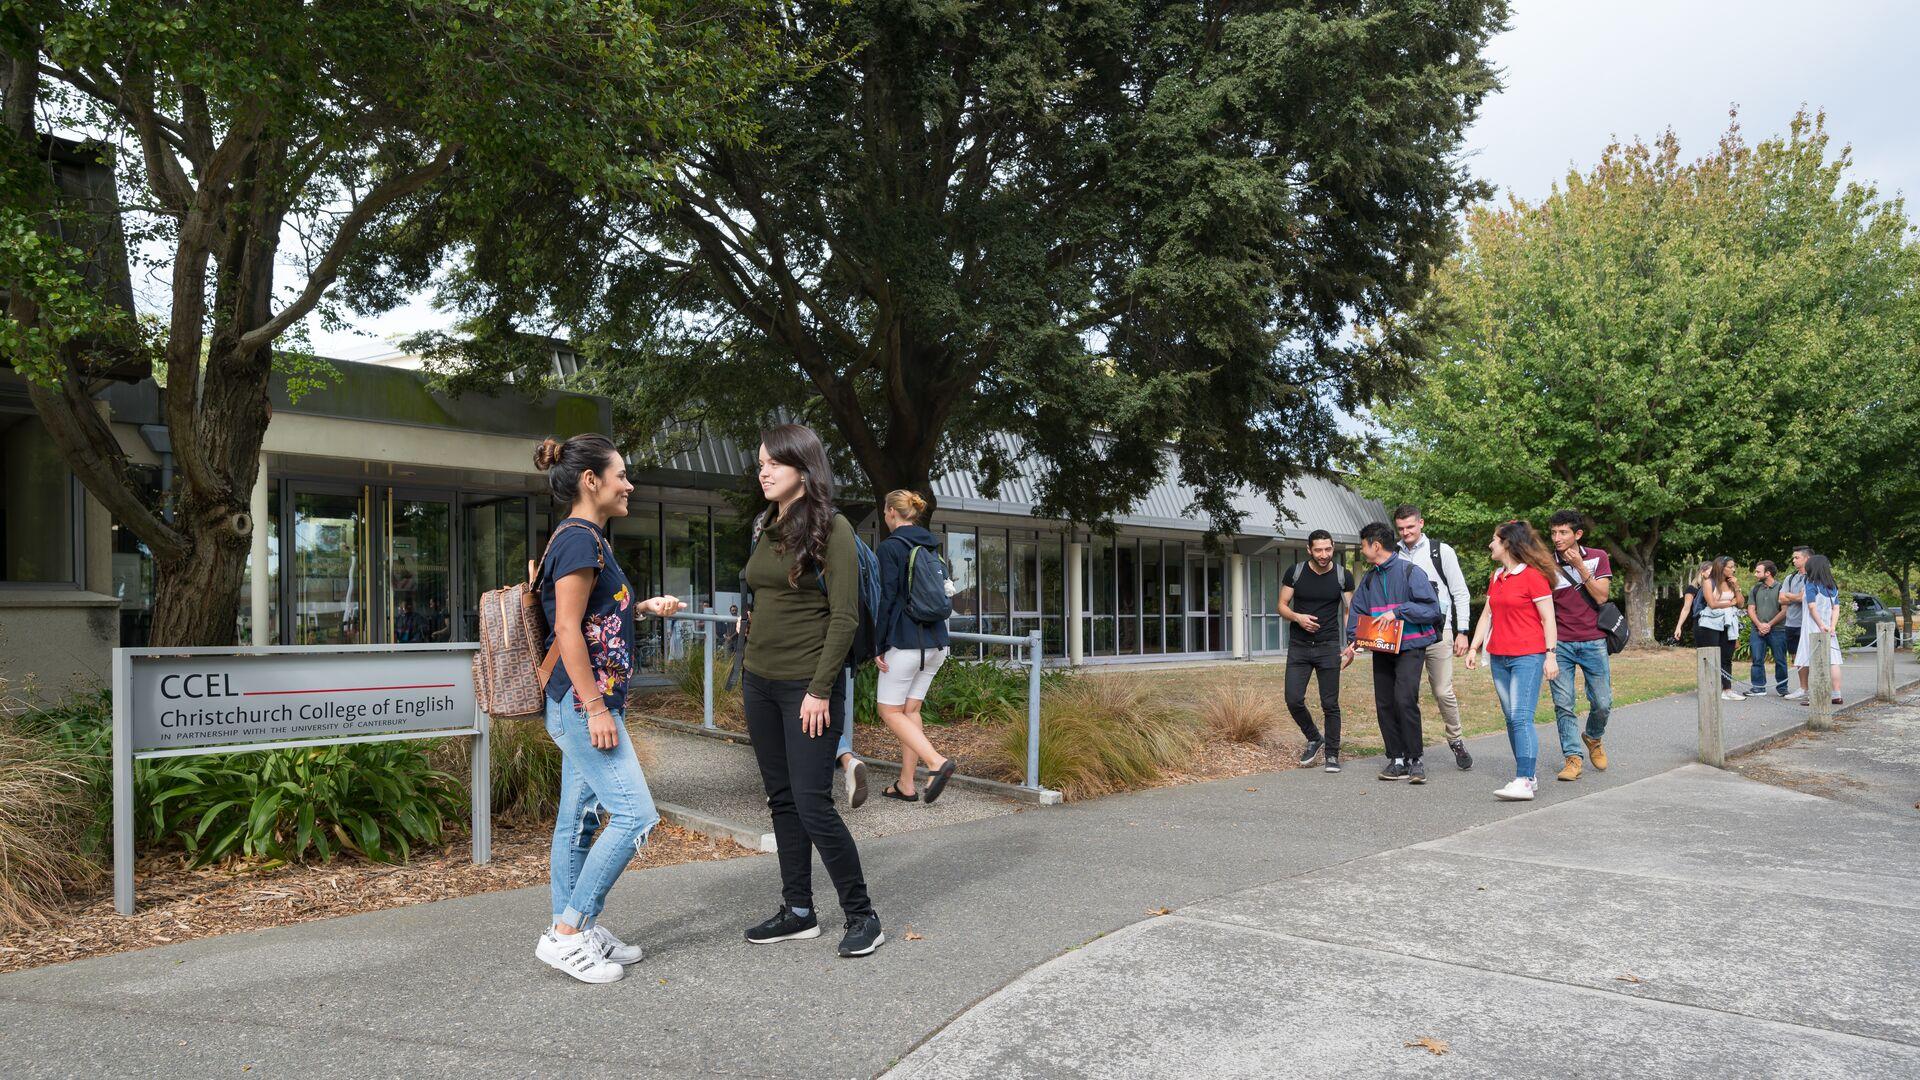 Séjour linguistique Nouvelle Zélande, Christchurch - Christchurch College of English ltd - École - © Neil Macbeth